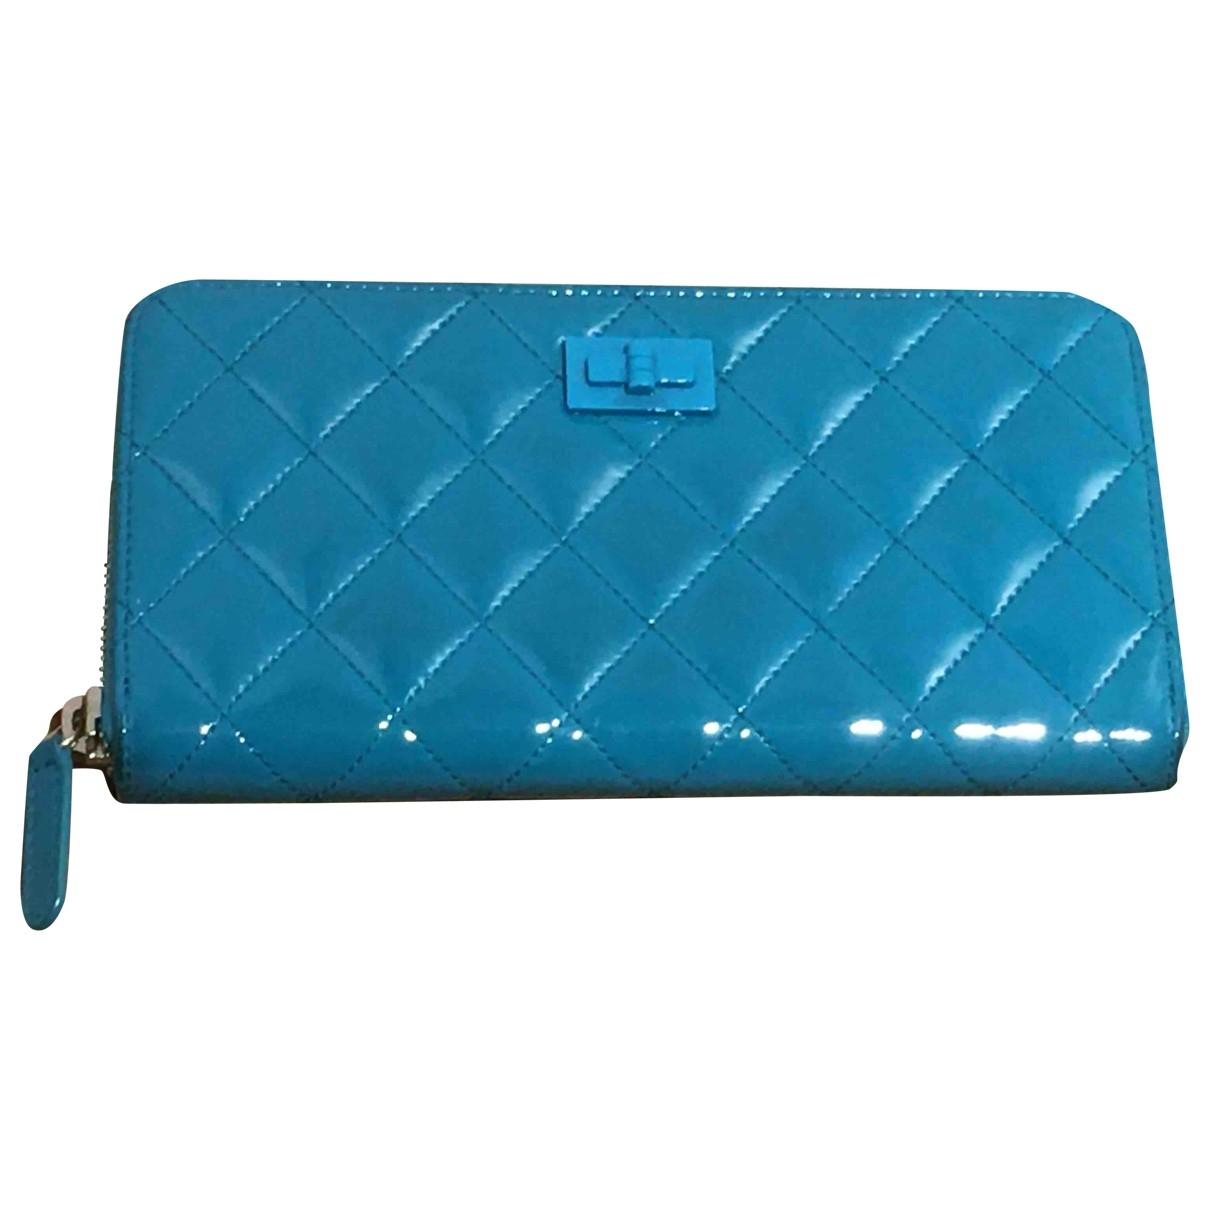 Chanel - Portefeuille Timeless/Classique pour femme en cuir verni - turquoise